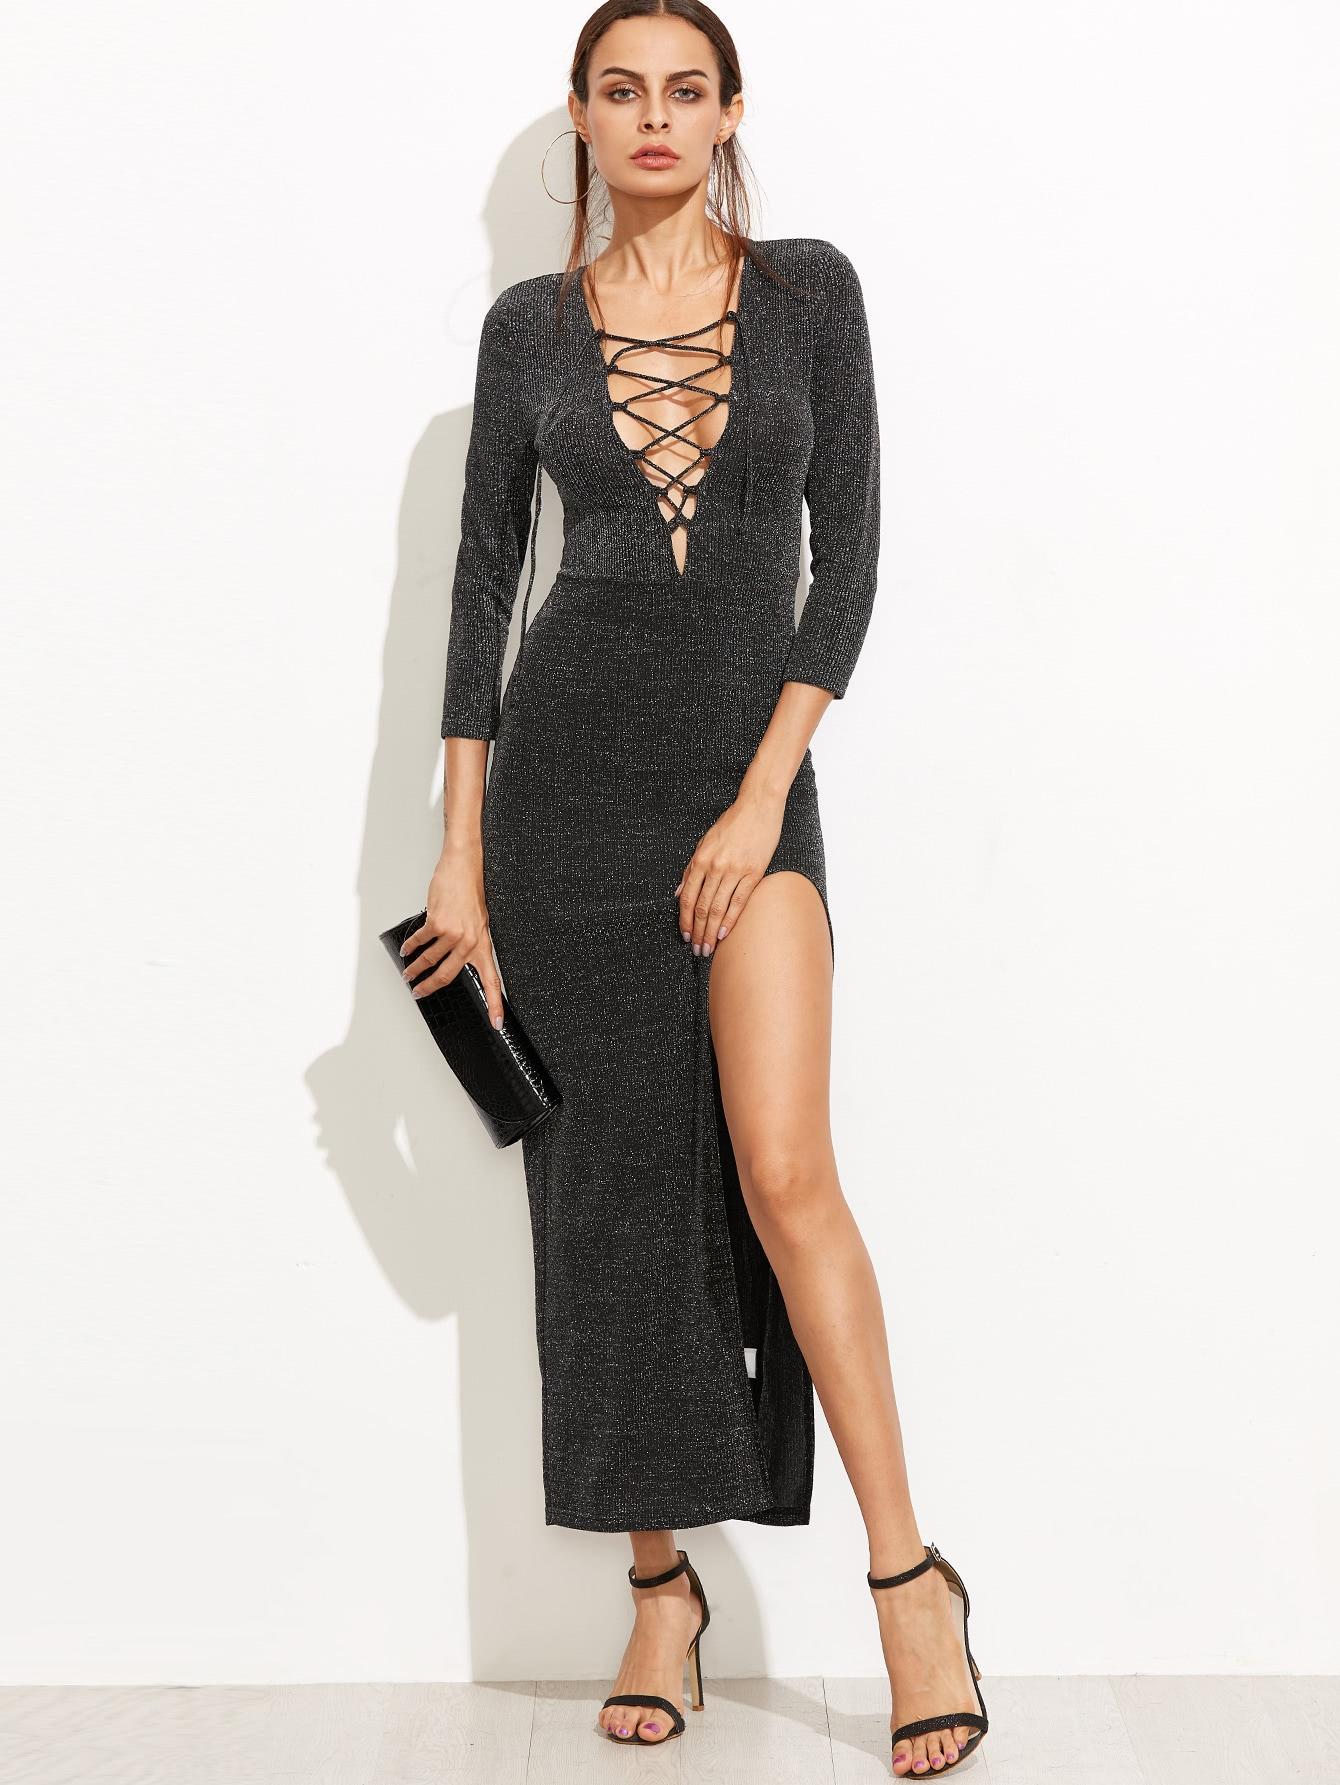 Lace Up Plunge Neck High Slit Sparkle Dress high slit lace long sheer slip dress